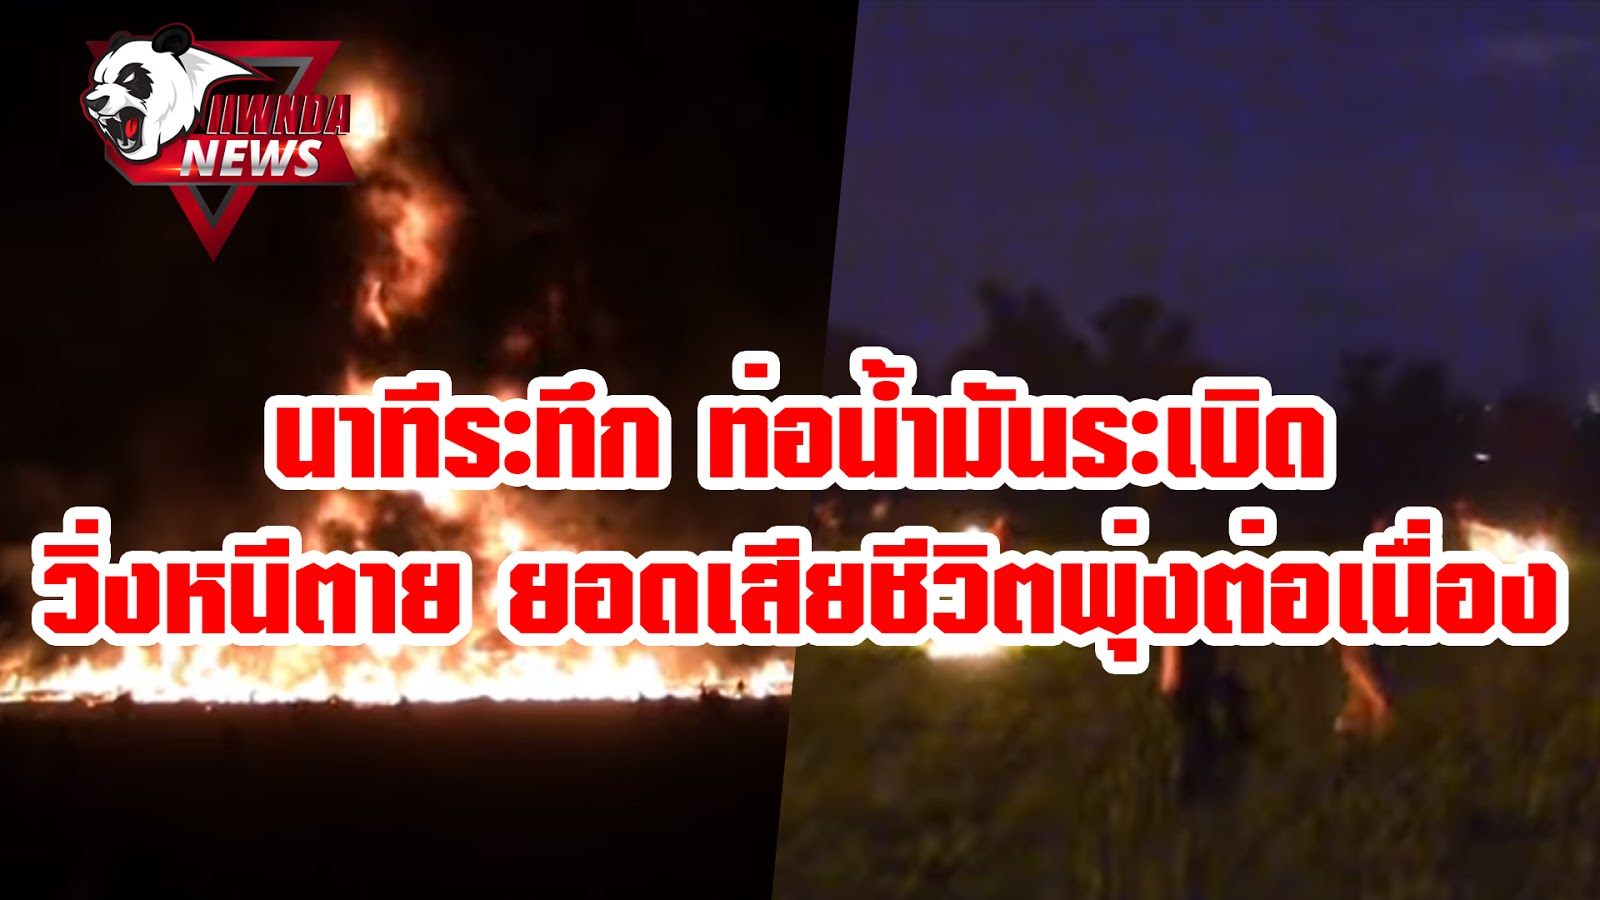 นาทีระทึก ท่อน้ำมันระเบิด วิ่งหนีตาย ยอดเสียชีวิตพุ่งต่อเนื่อง